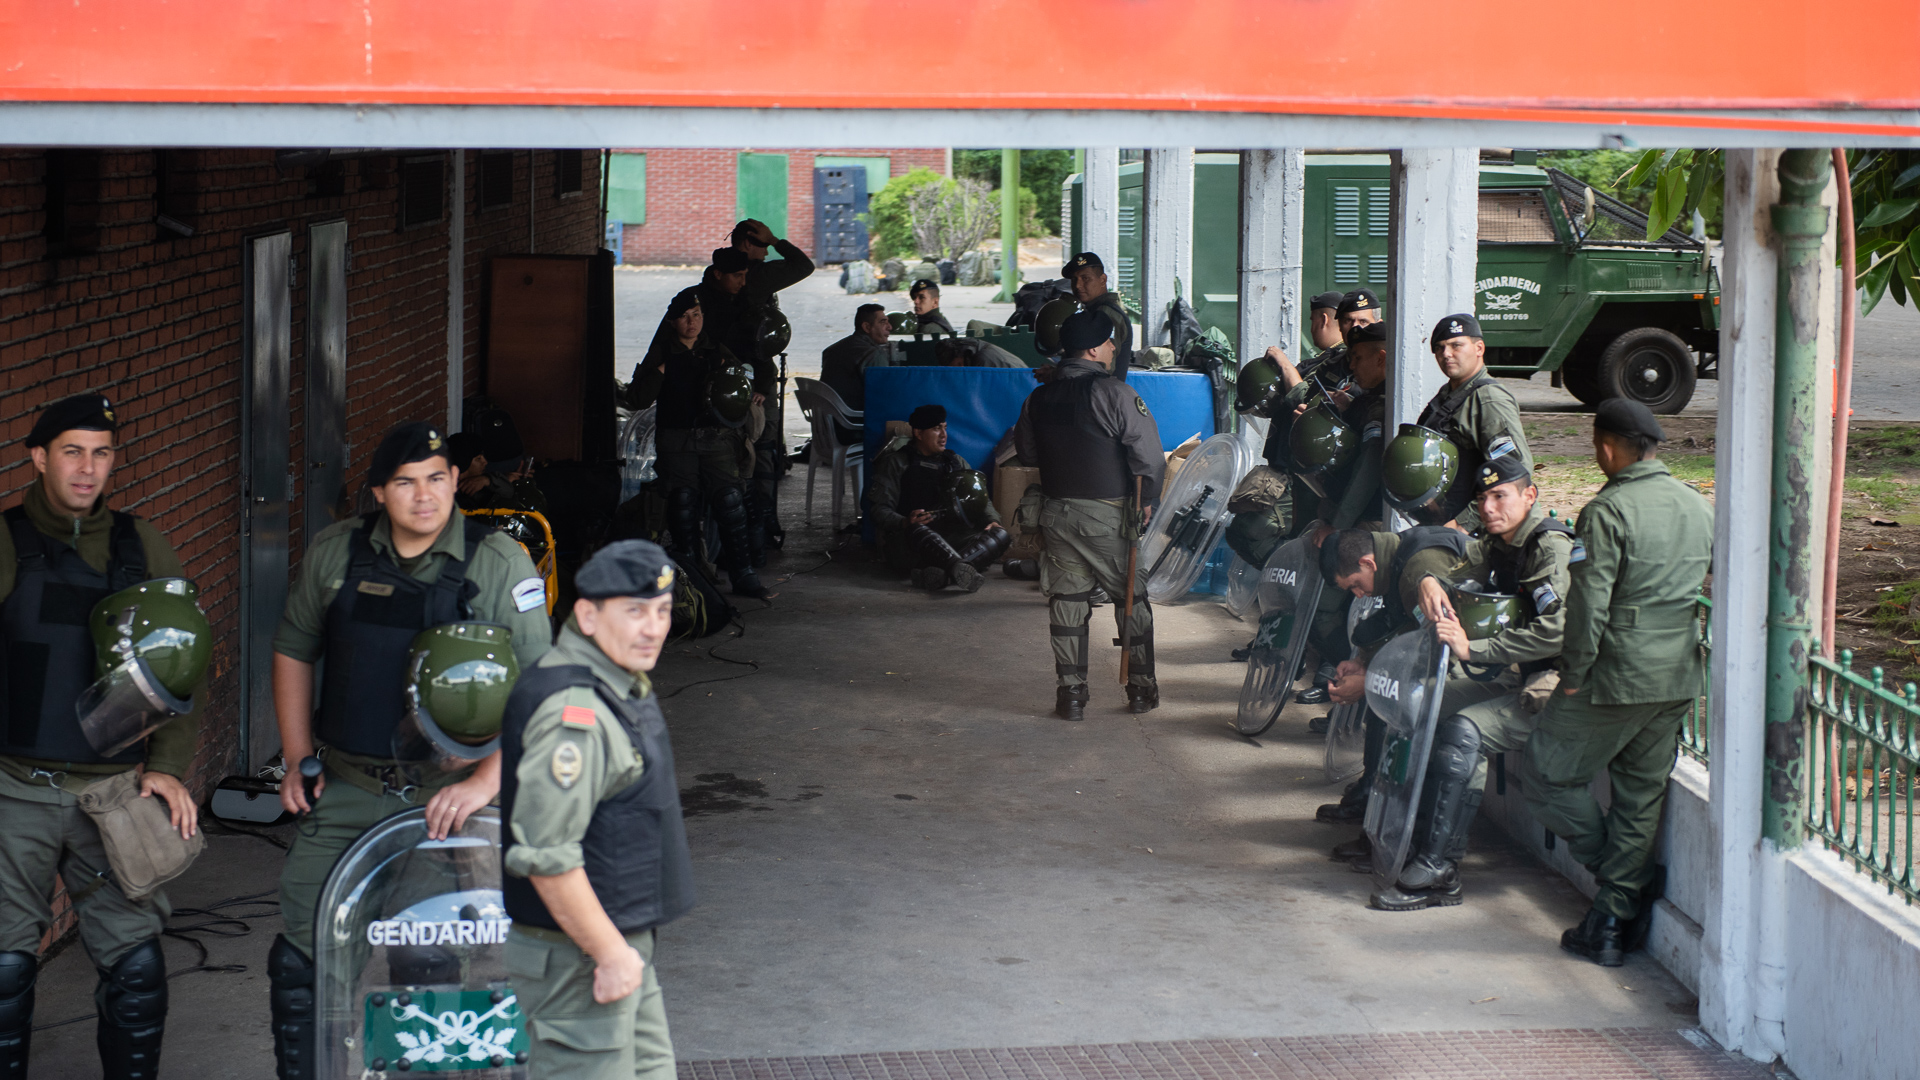 El Gobierno destinó 22 mil agentes de las fuerzas de seguridad para el operativo G20